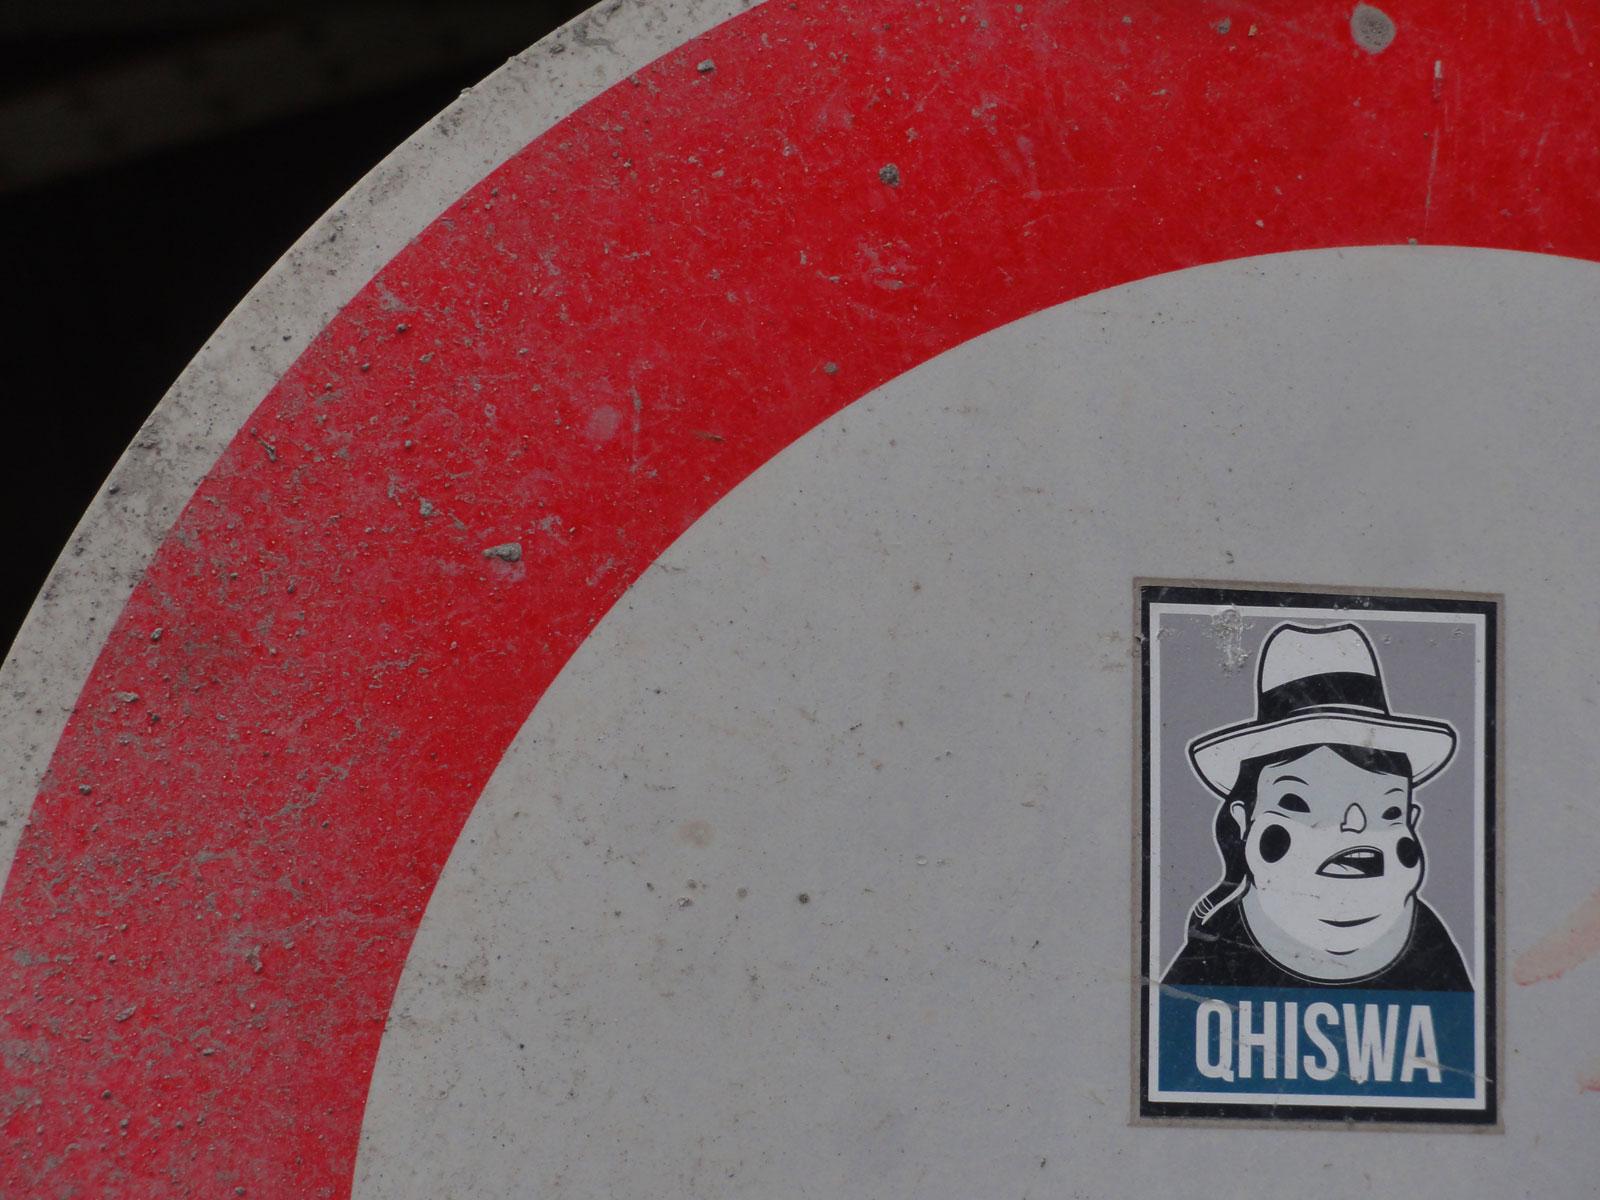 Streetart-Sticker in Frankfurt von Qhiswa